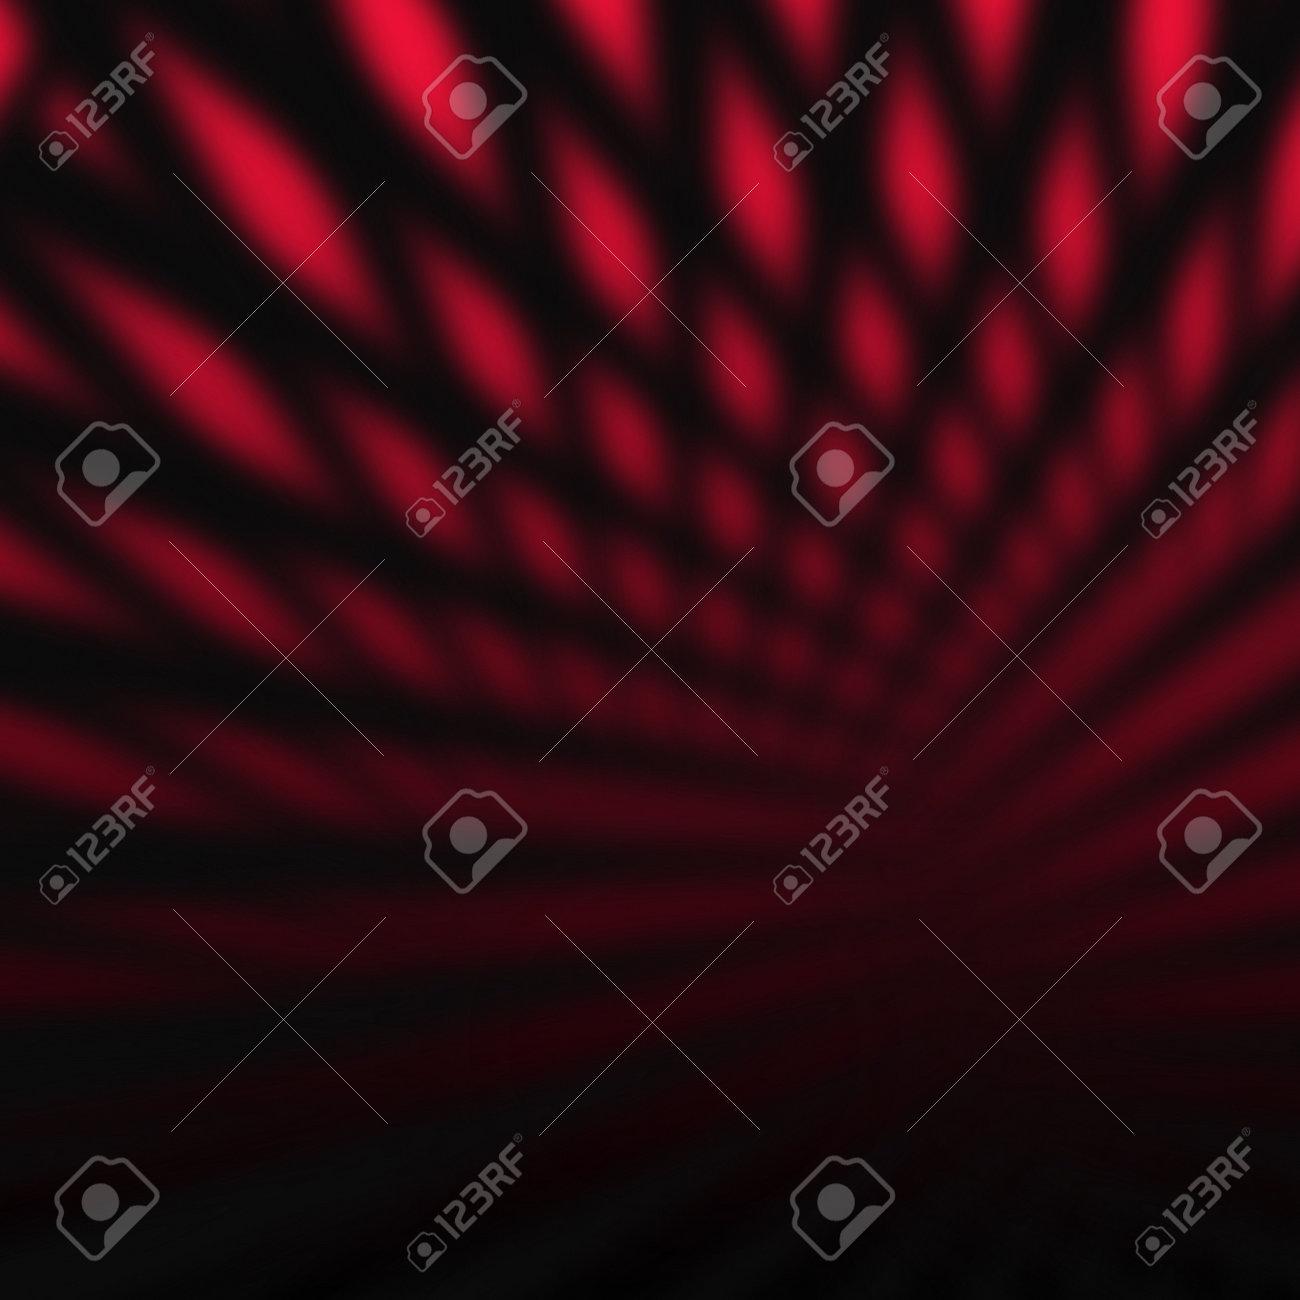 Sfondo Rosso E Nero